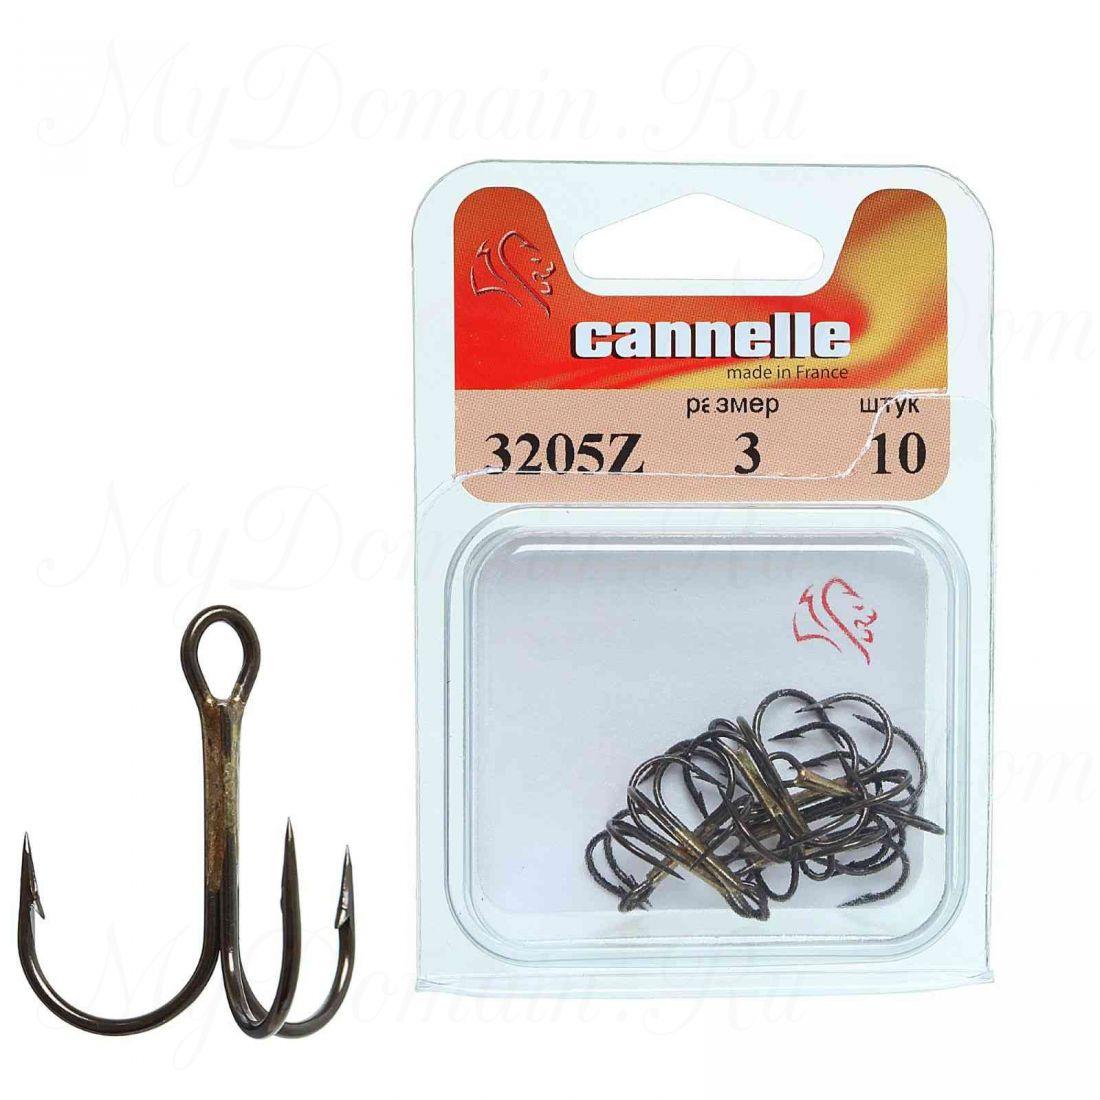 Тройник Cannelle 3205 N № 5 уп. 100 шт. (никель,круглый поддев,стандартный тройник,средняя проволока)